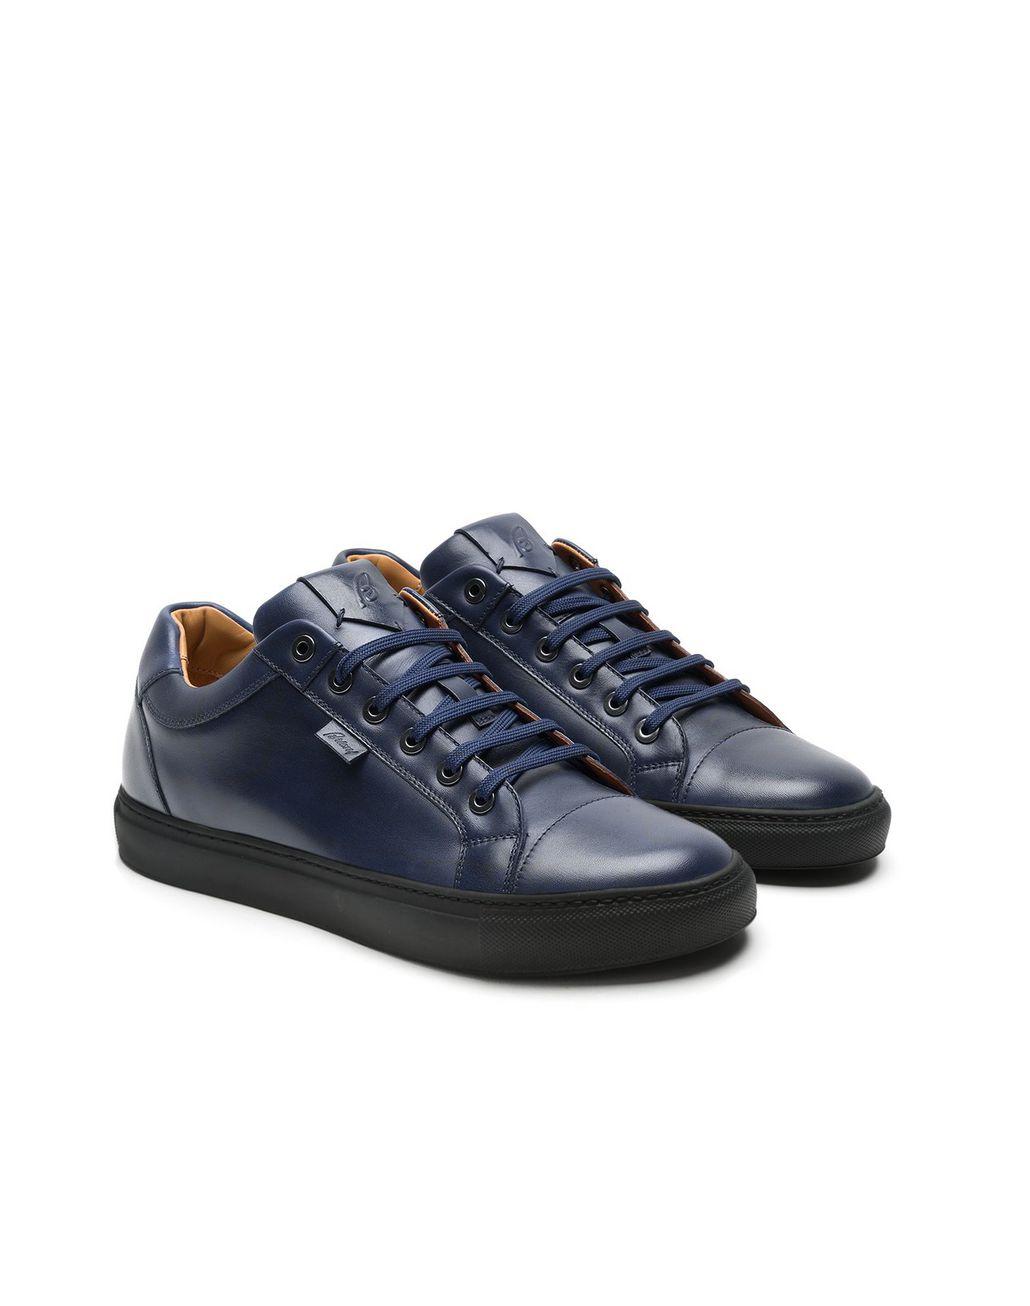 BRIONI Тёмно-синие кроссовки из телячьей кожи Кеды Для Мужчин d